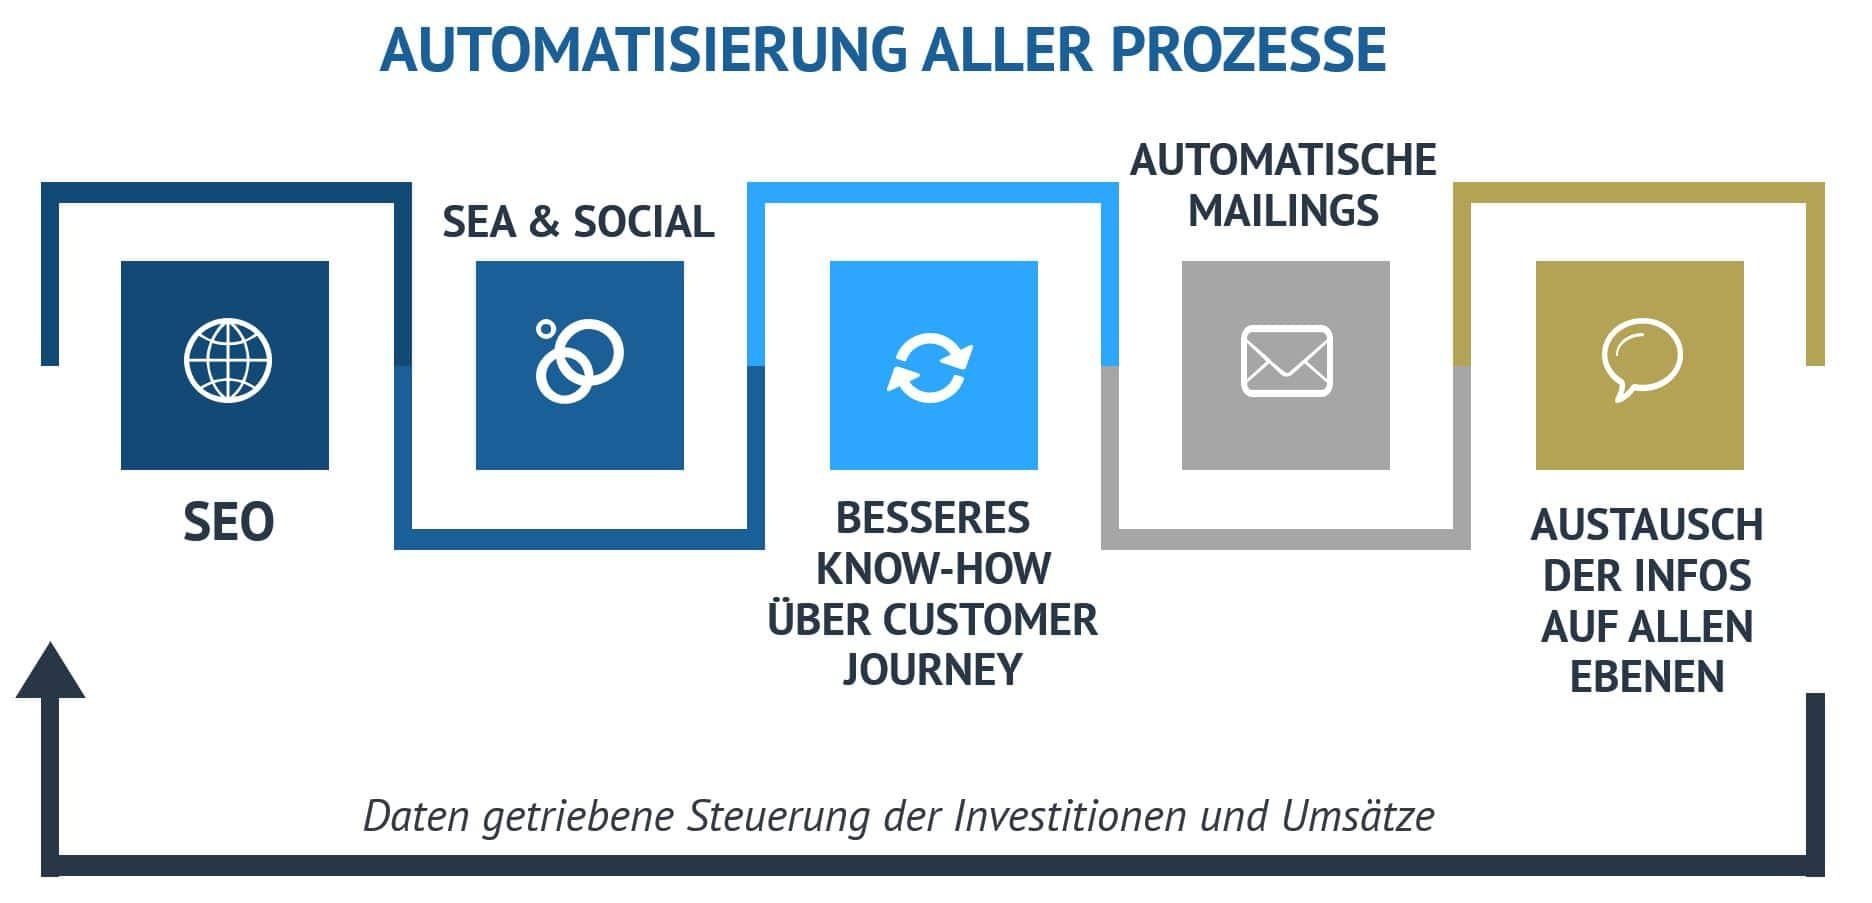 nbound Marketing Automation